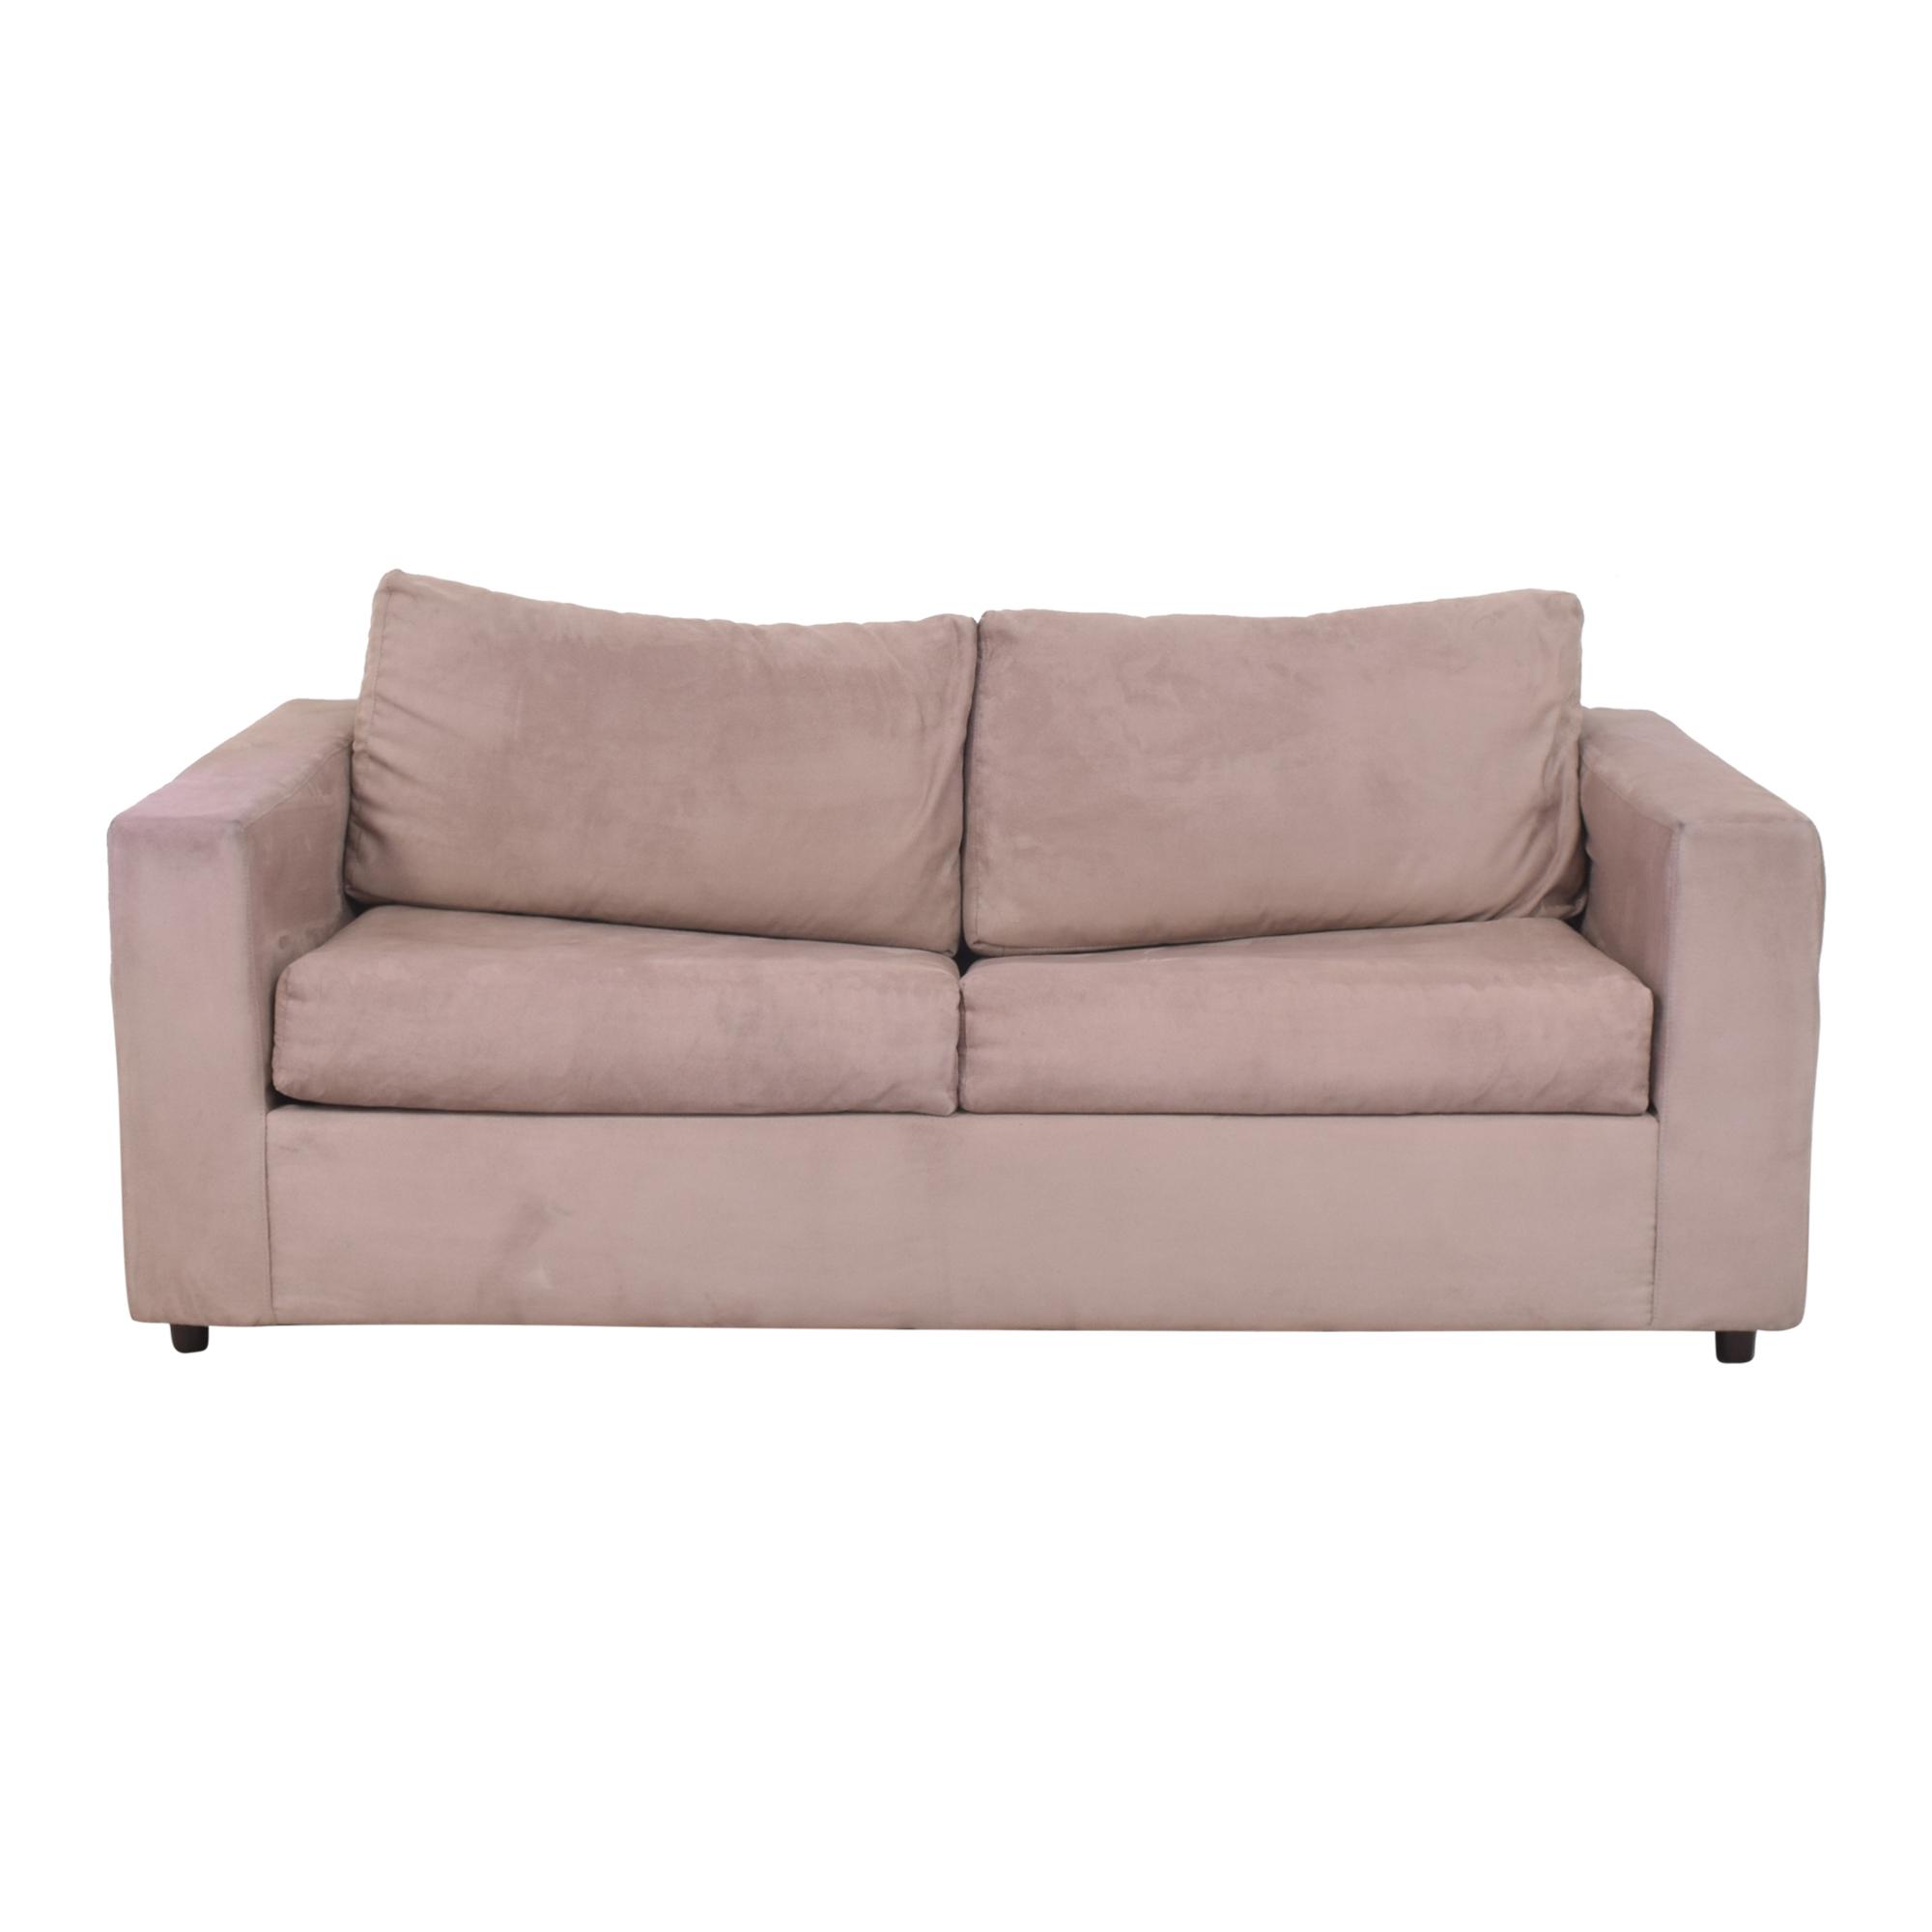 Funky Sofa Full Sleeper Sofa sale